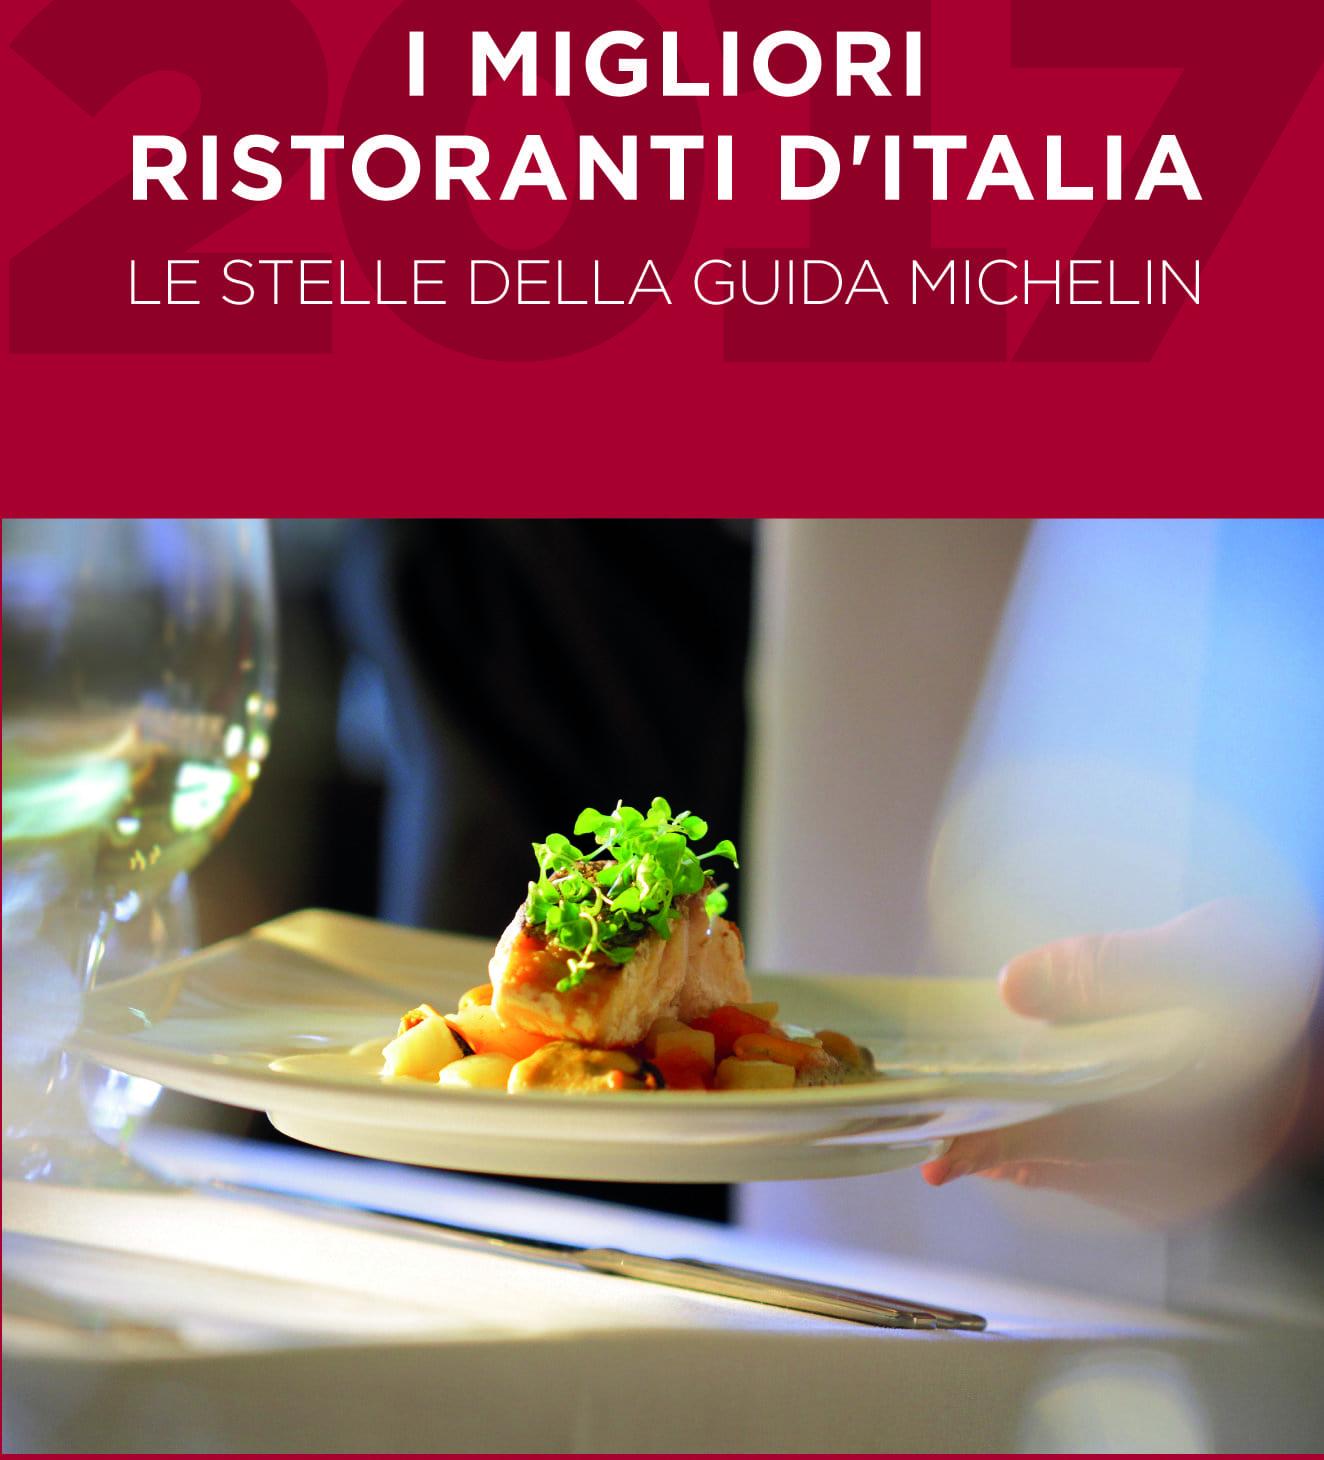 Ecco la Rossa Michelin 2017: 342 i ristoranti stellati d'Italia